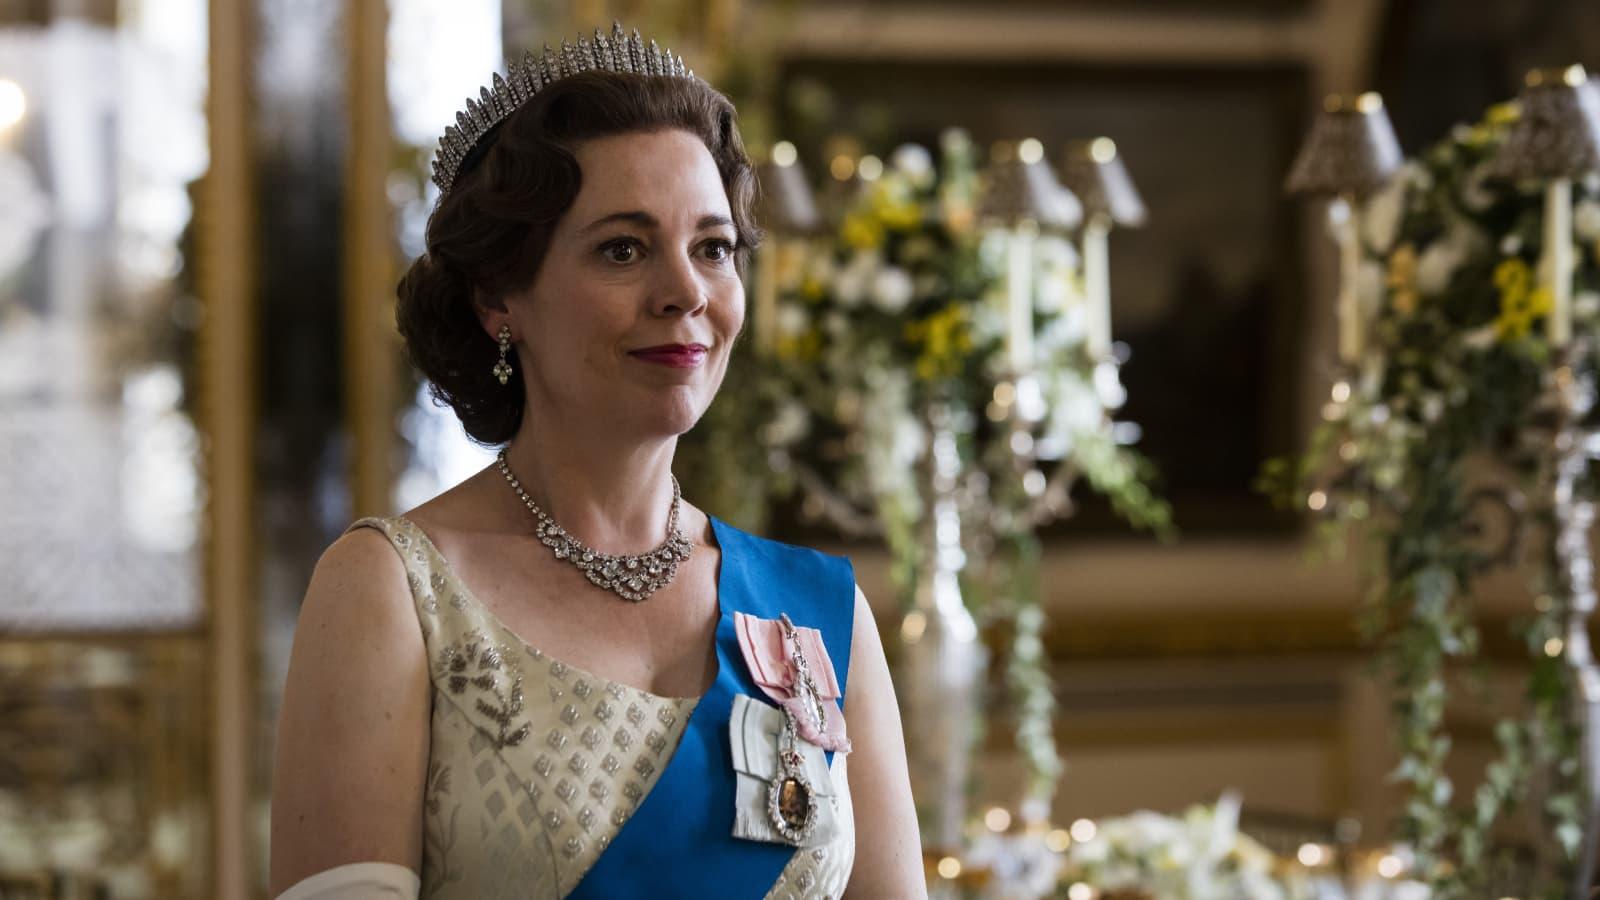 Son Altesse Royale est sur Netflix